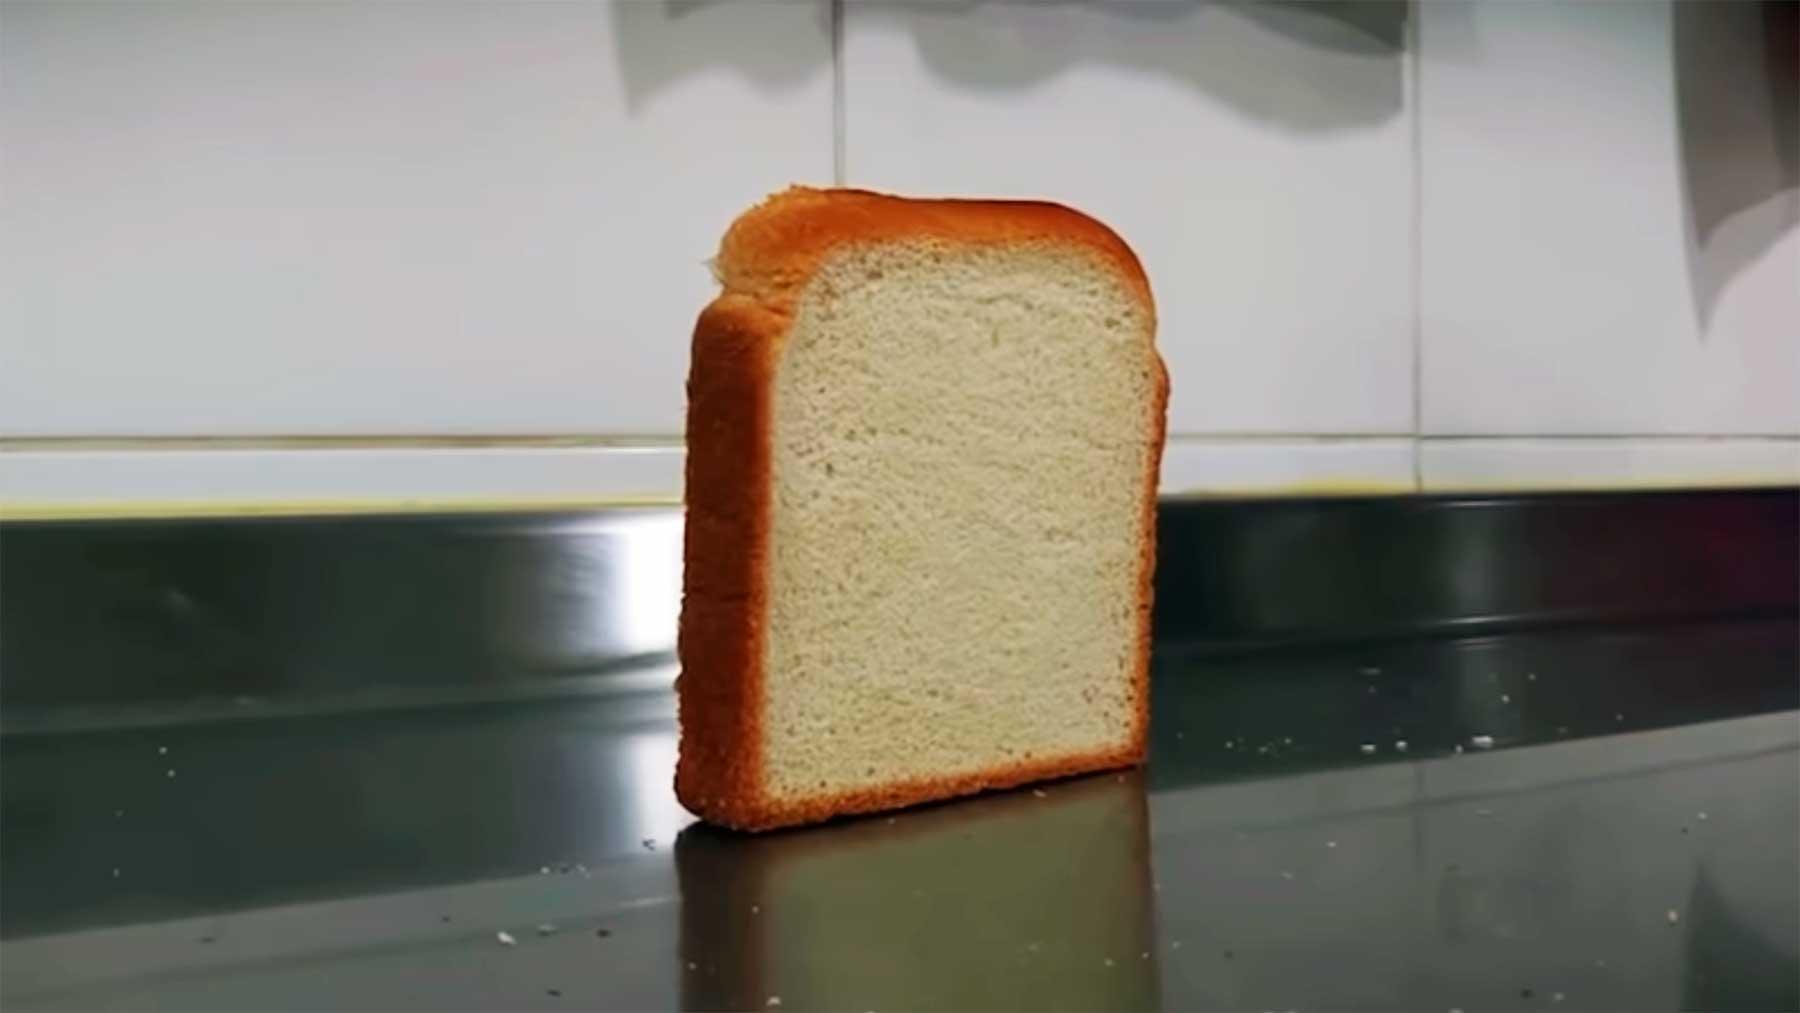 Eine umfallende Brotscheibe